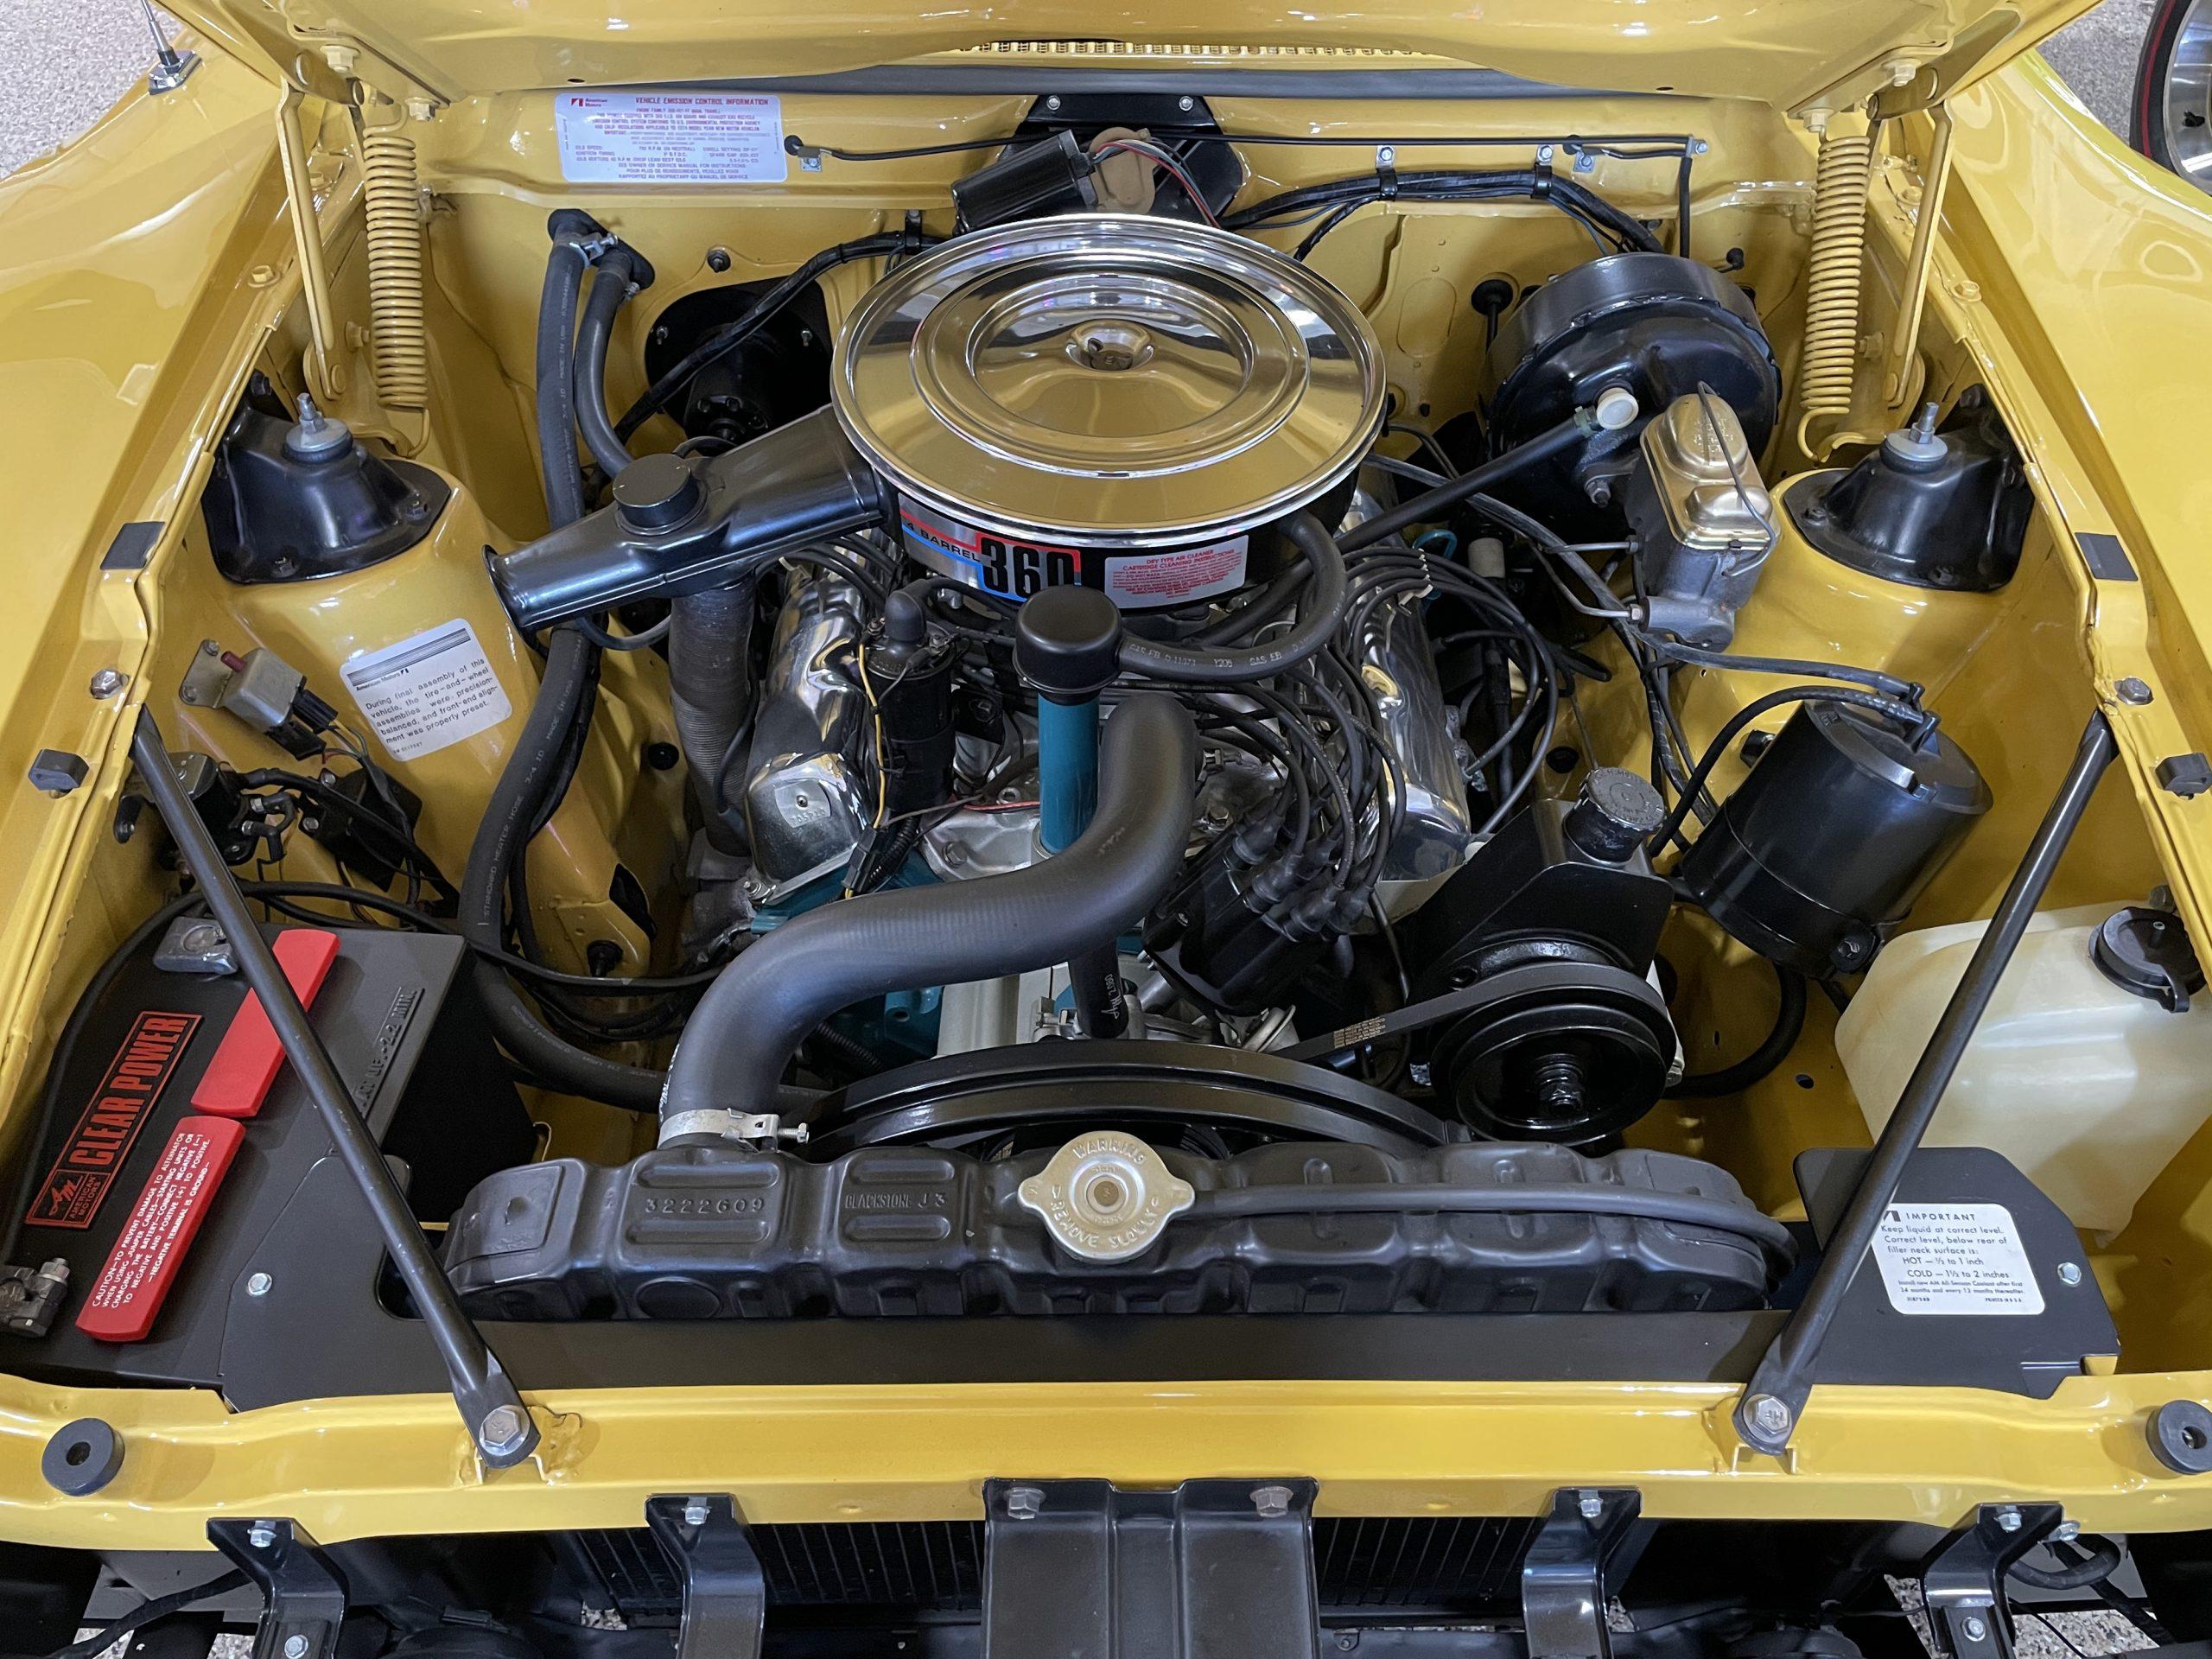 1974-AMC-Javelin-AMX engine